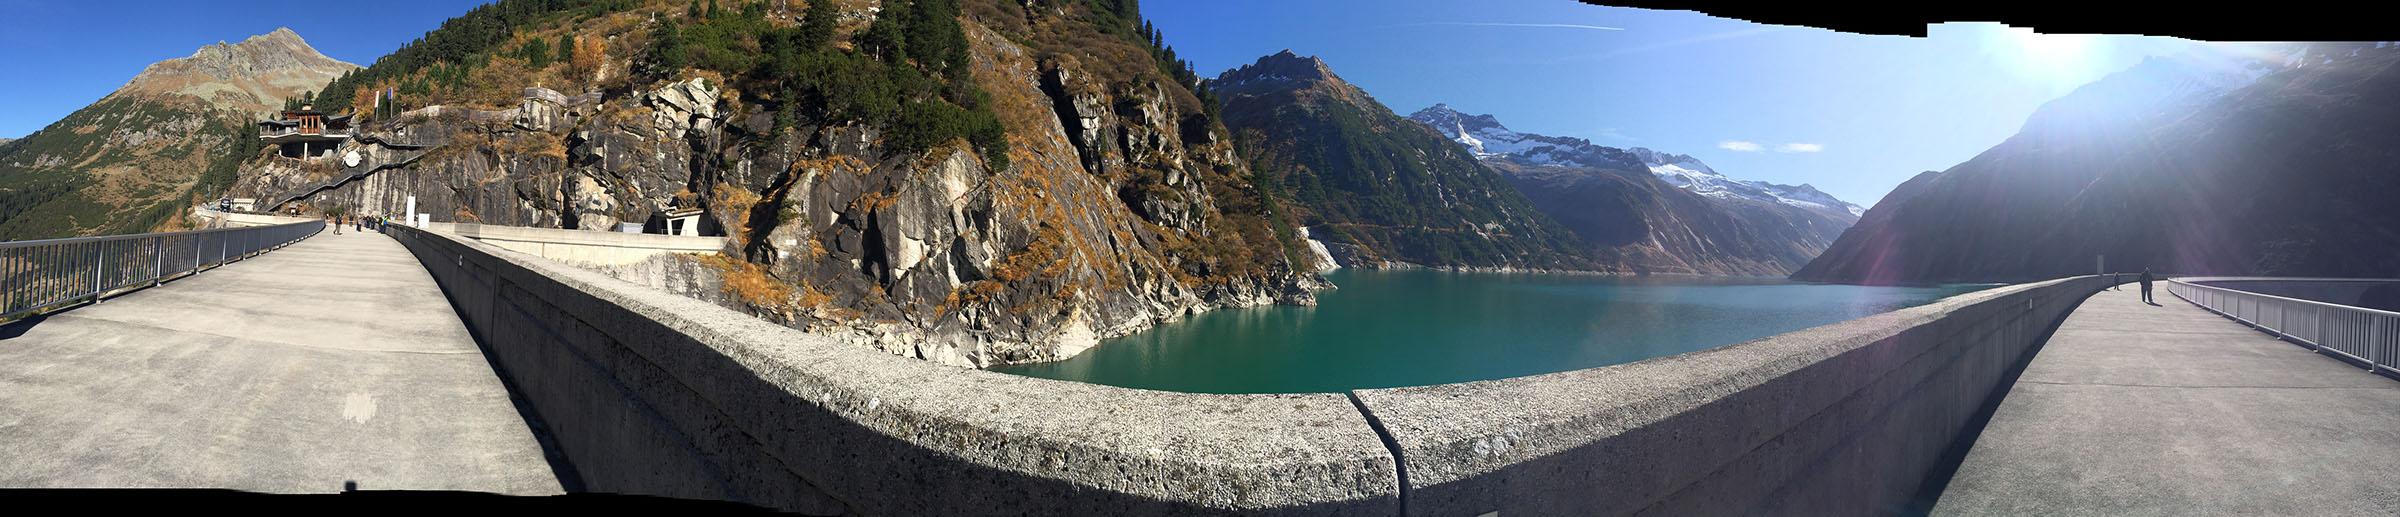 Dam at Zillergrund above Mayrhofen, Austria